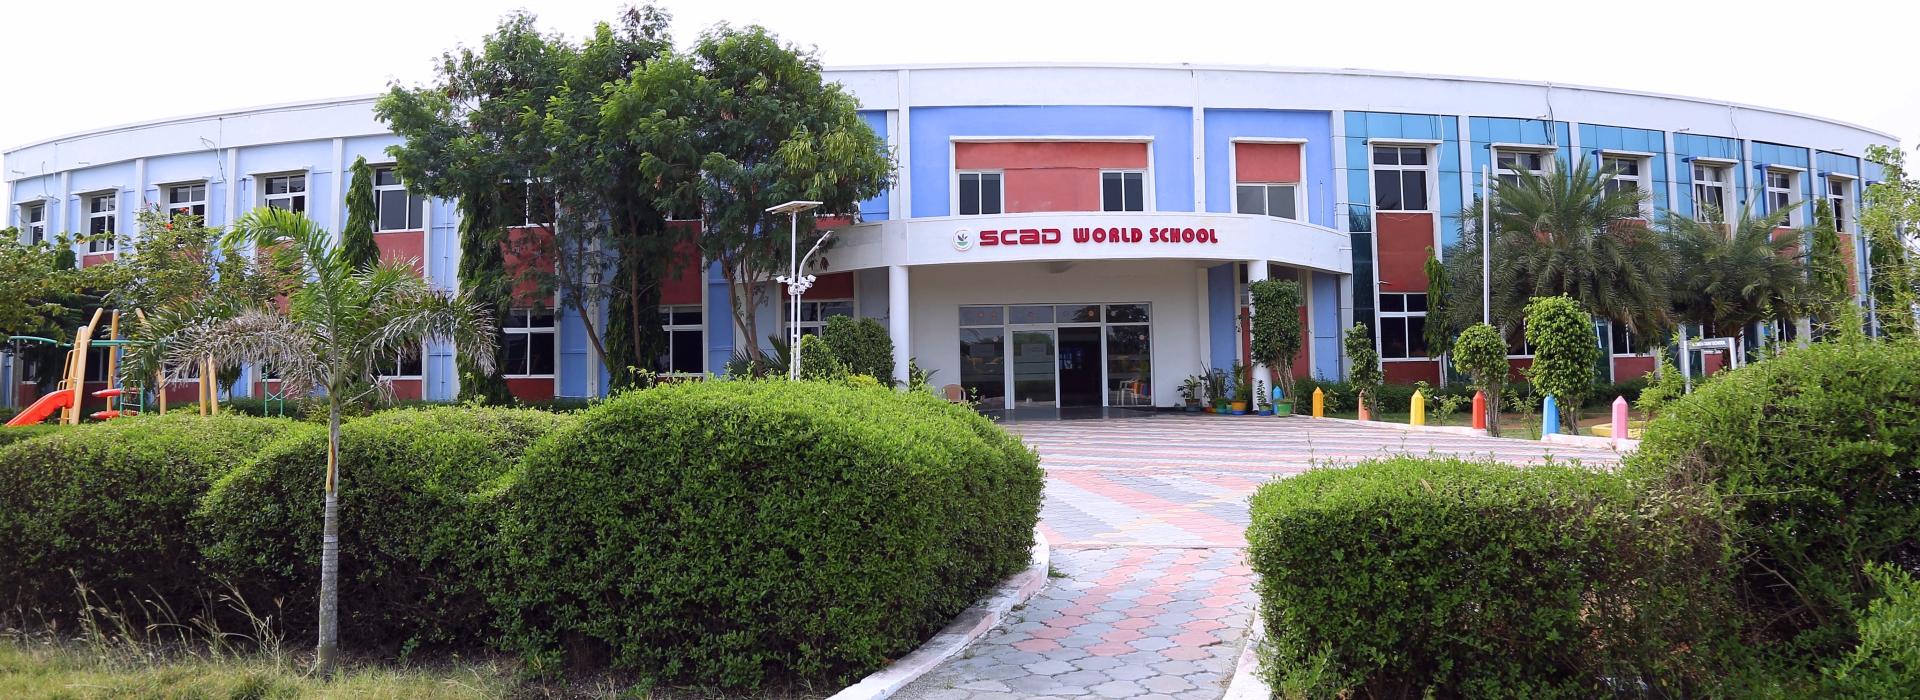 SCAD World School | Best International School in India | Cambridge